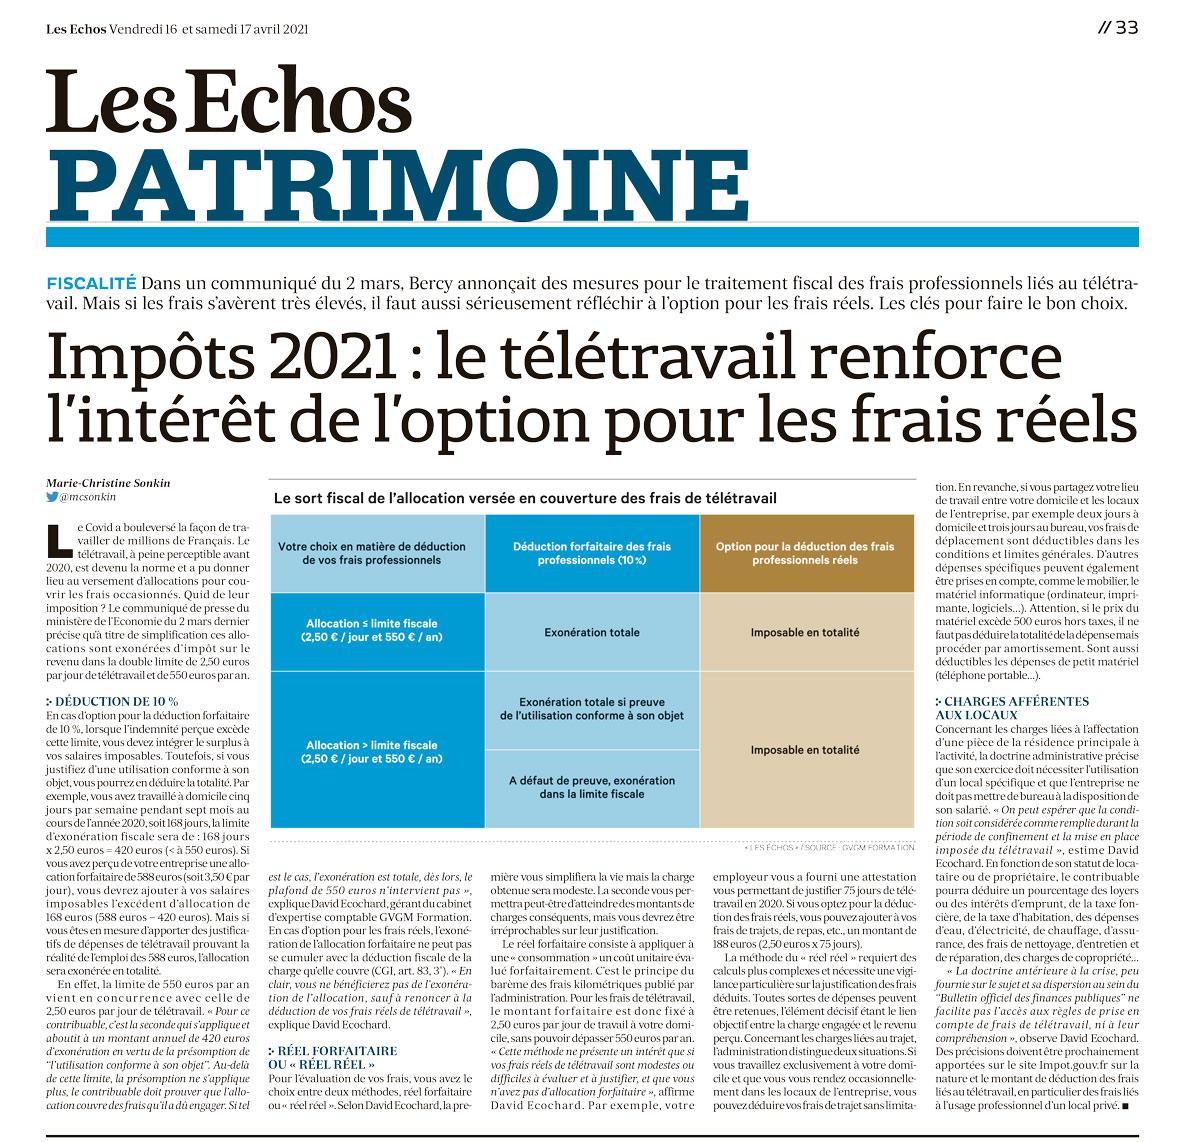 Impots 2021 : option pour les frais réels renforcé